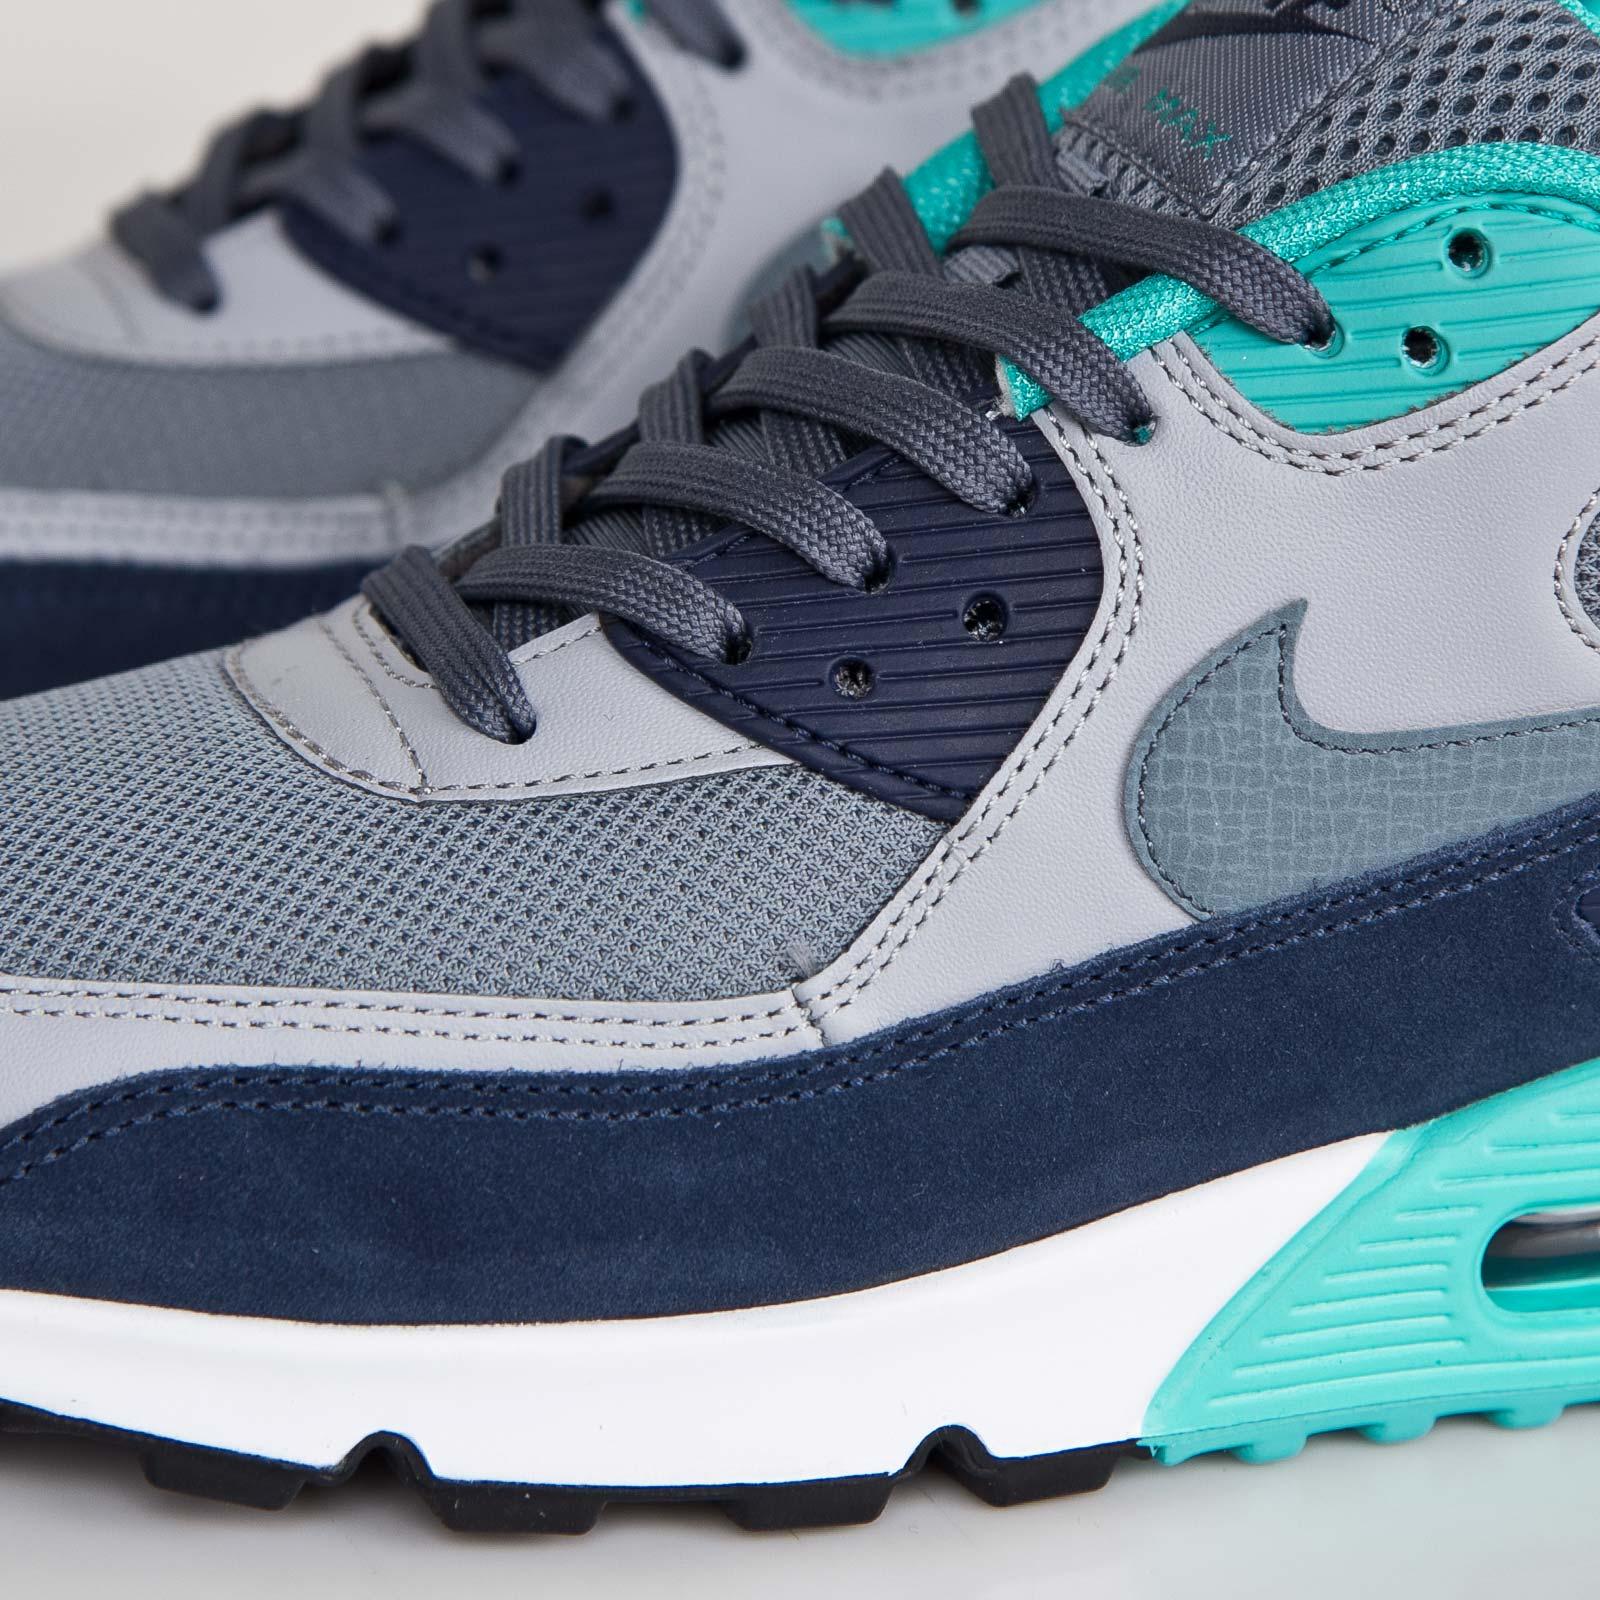 new styles cc6a0 427ad ... Nike Air Max 90 Essential ...